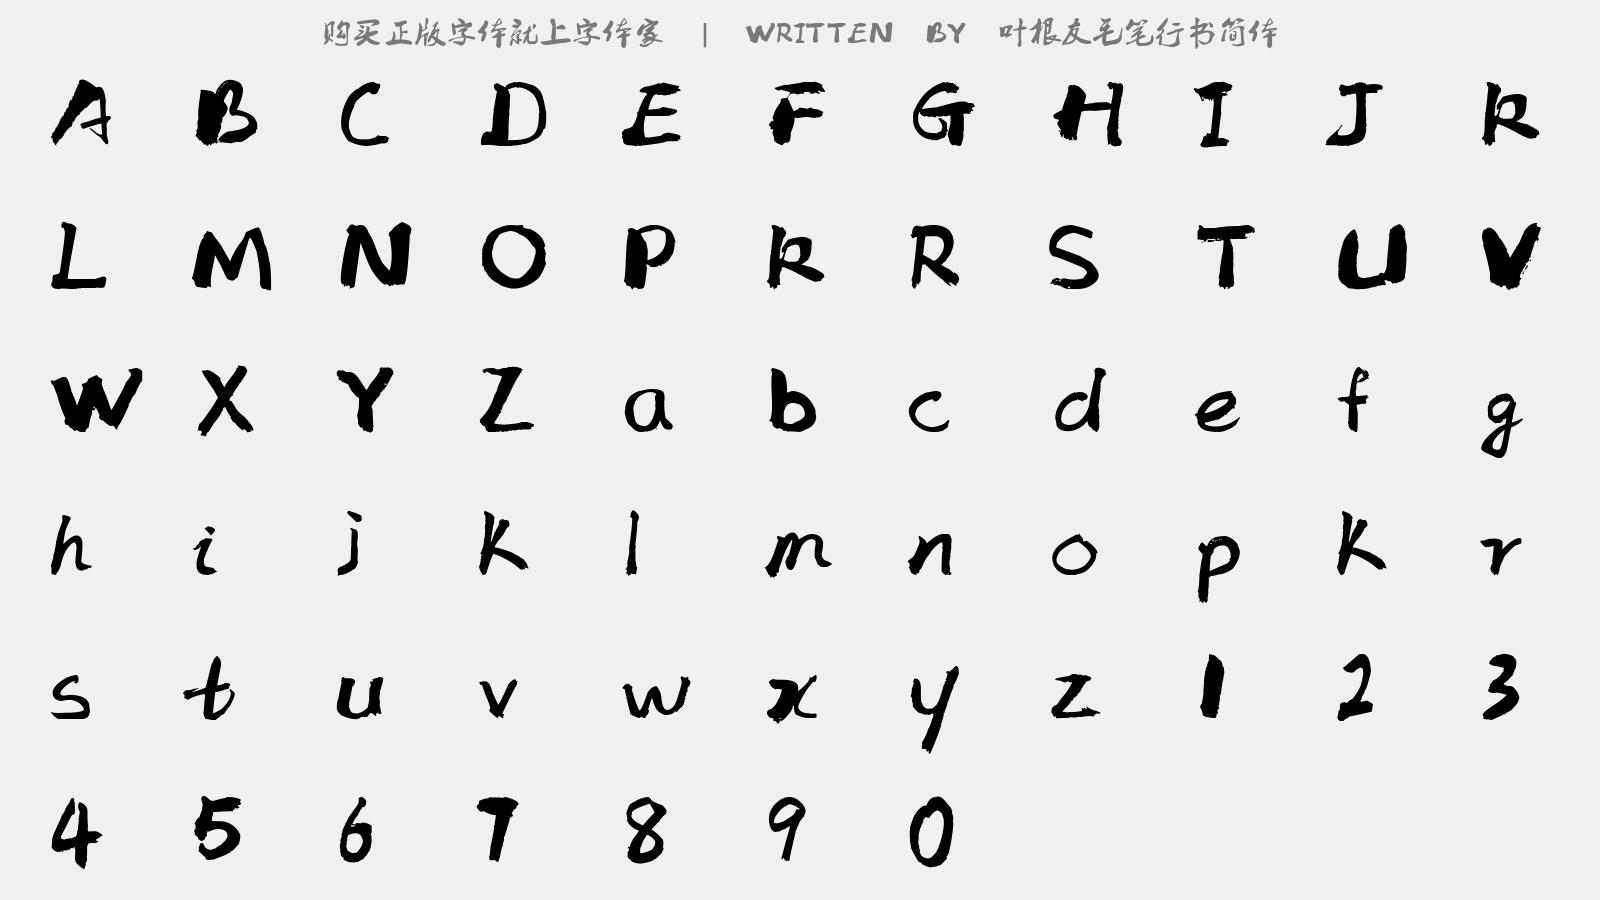 葉根友毛筆行書簡體 - 大寫字母/小寫字母/數字